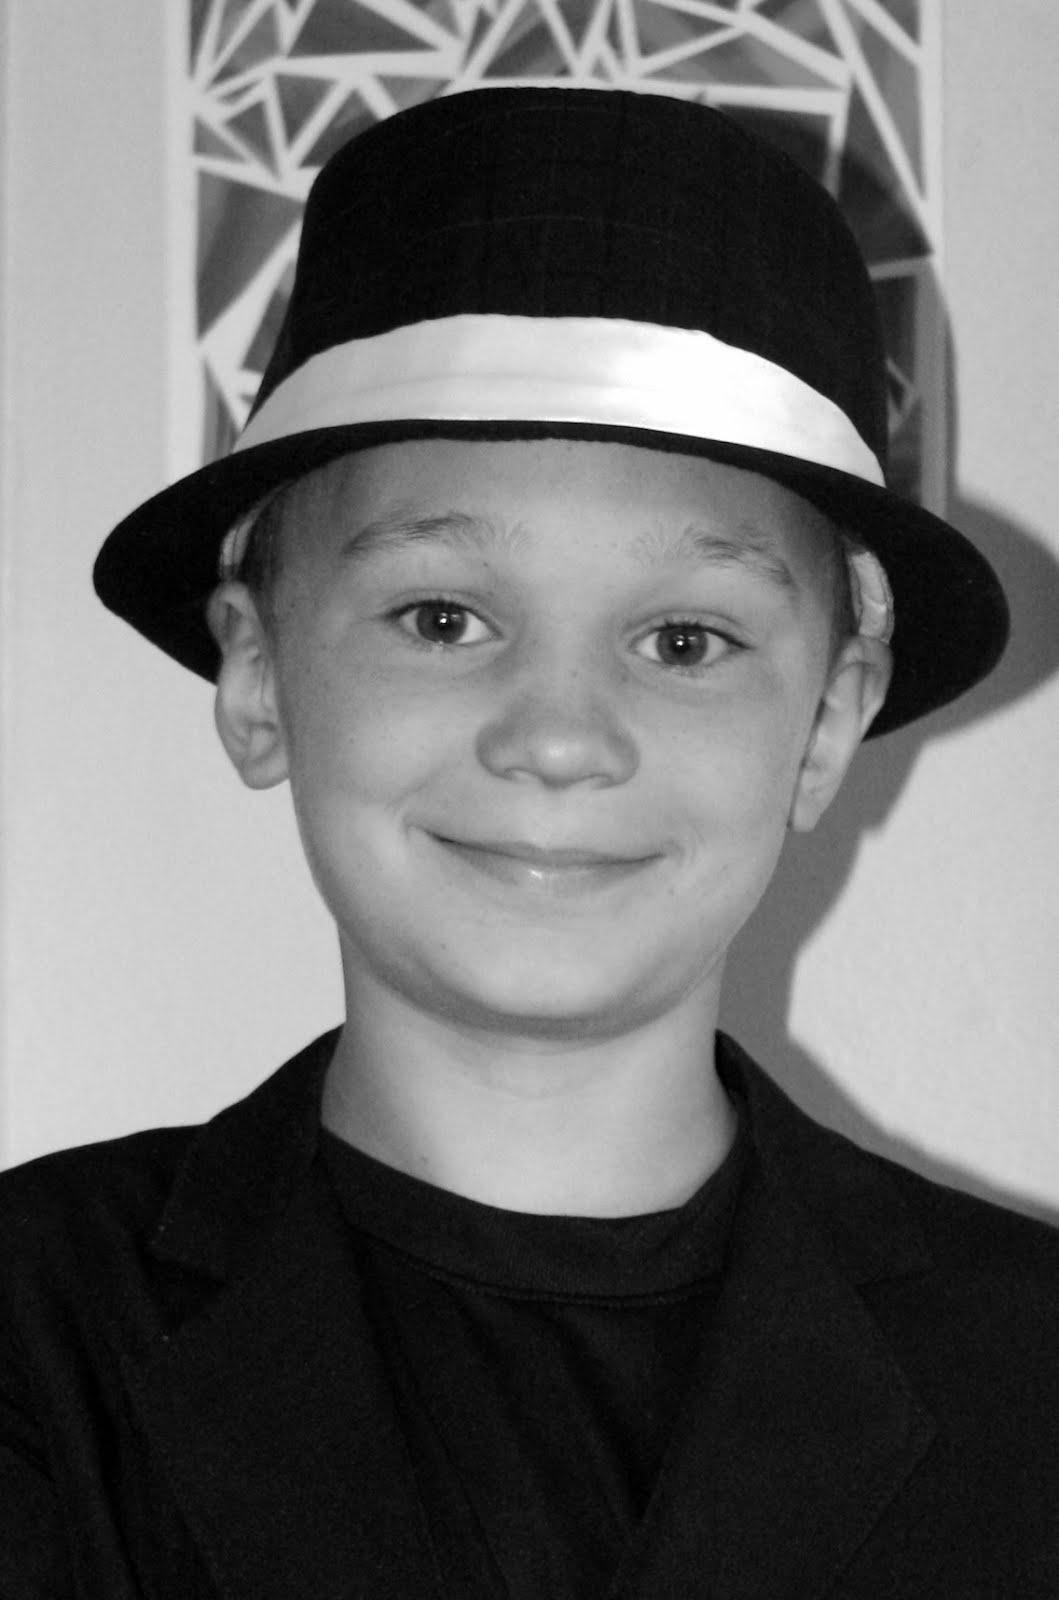 Josiah, 11